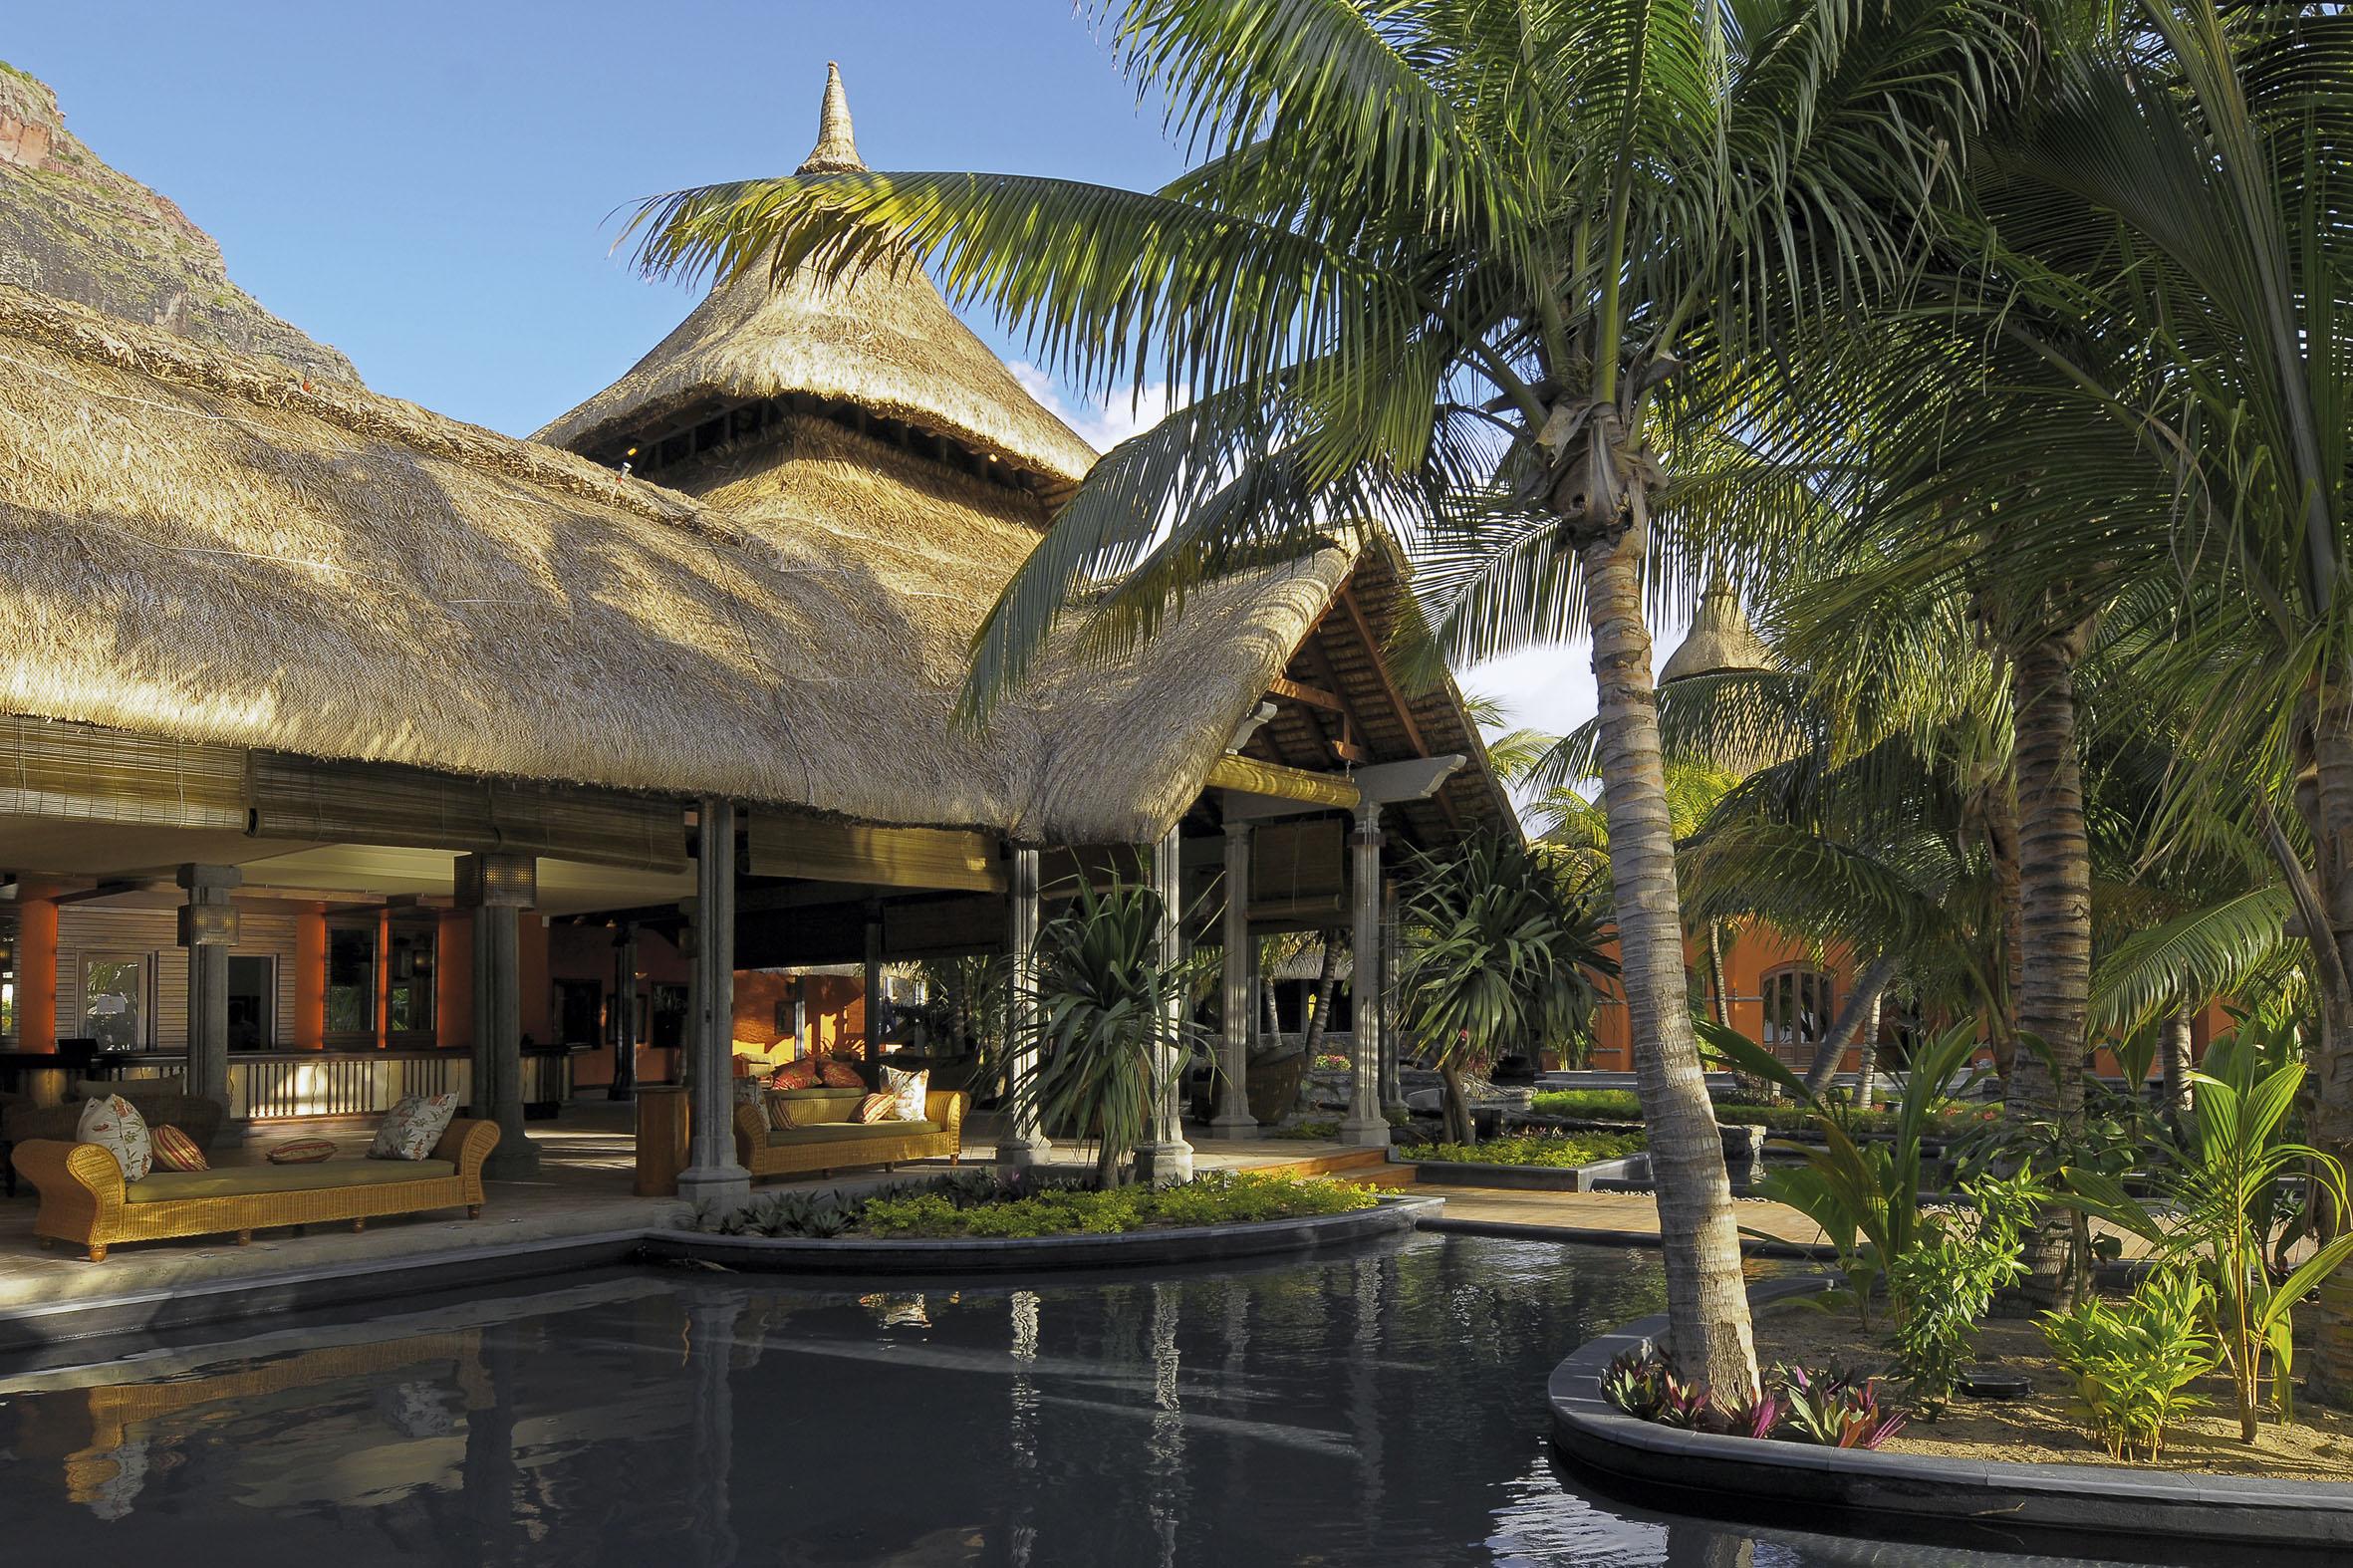 Hotel gran lujo dinarobin en isla mauricio for Hoteles de lujo baratos